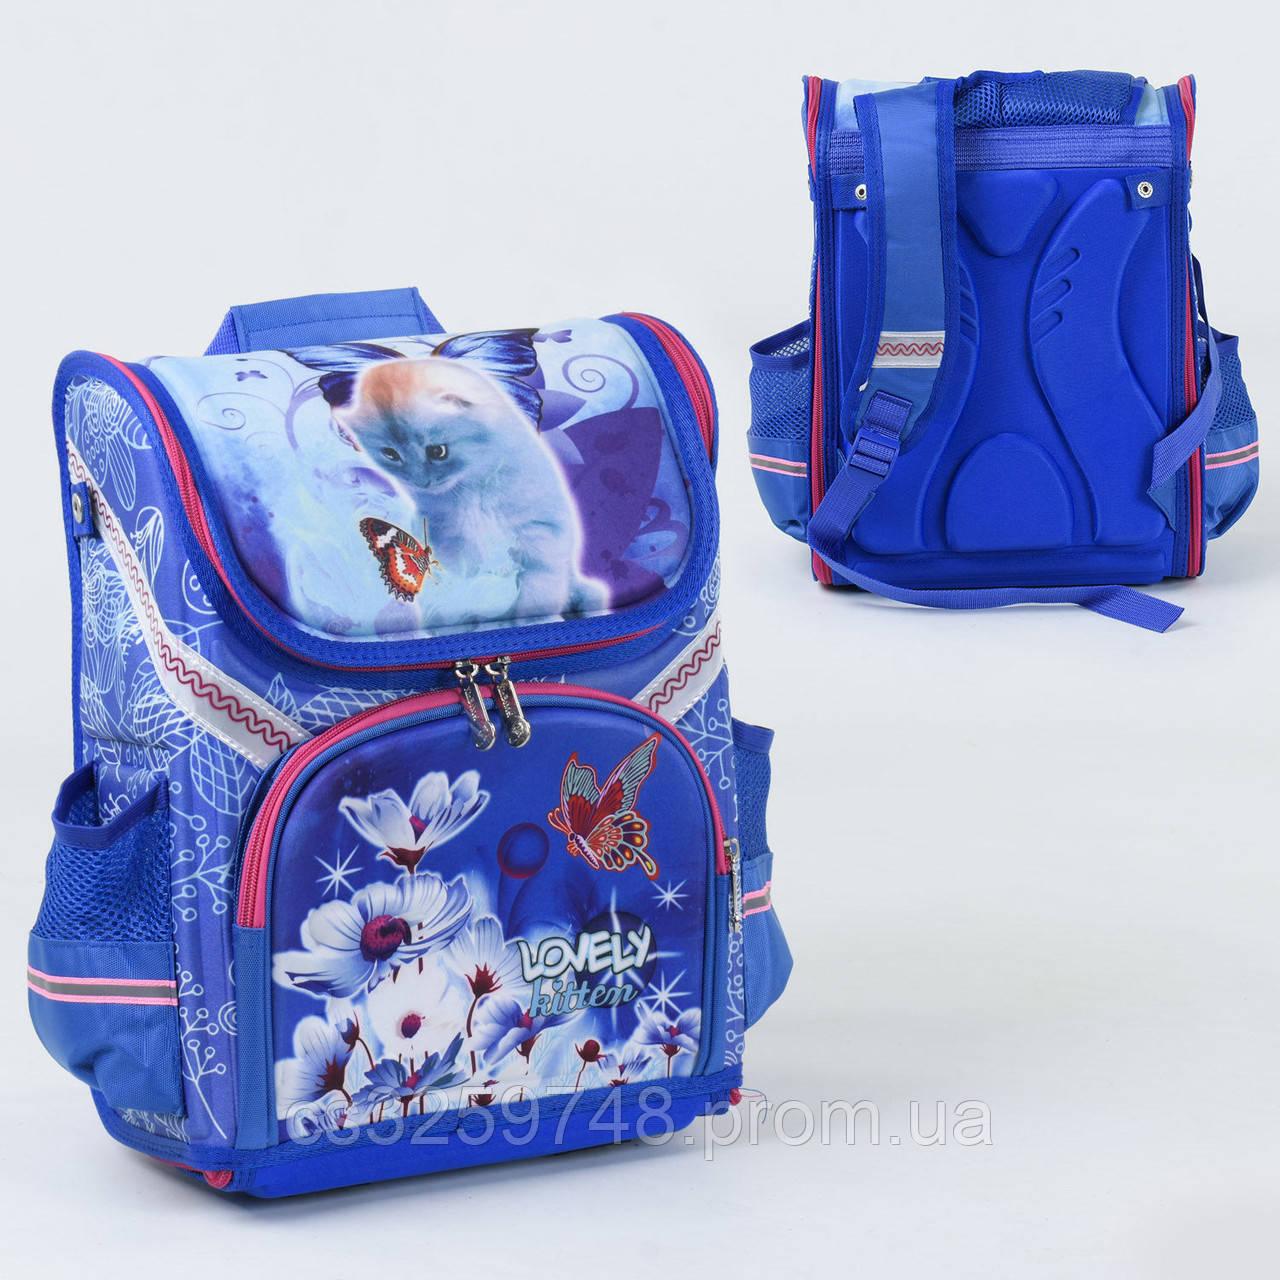 Рюкзак школьный каркасный С 36180 спинка ортопедическая 1 отделение 3 кармана с 3D рисунком